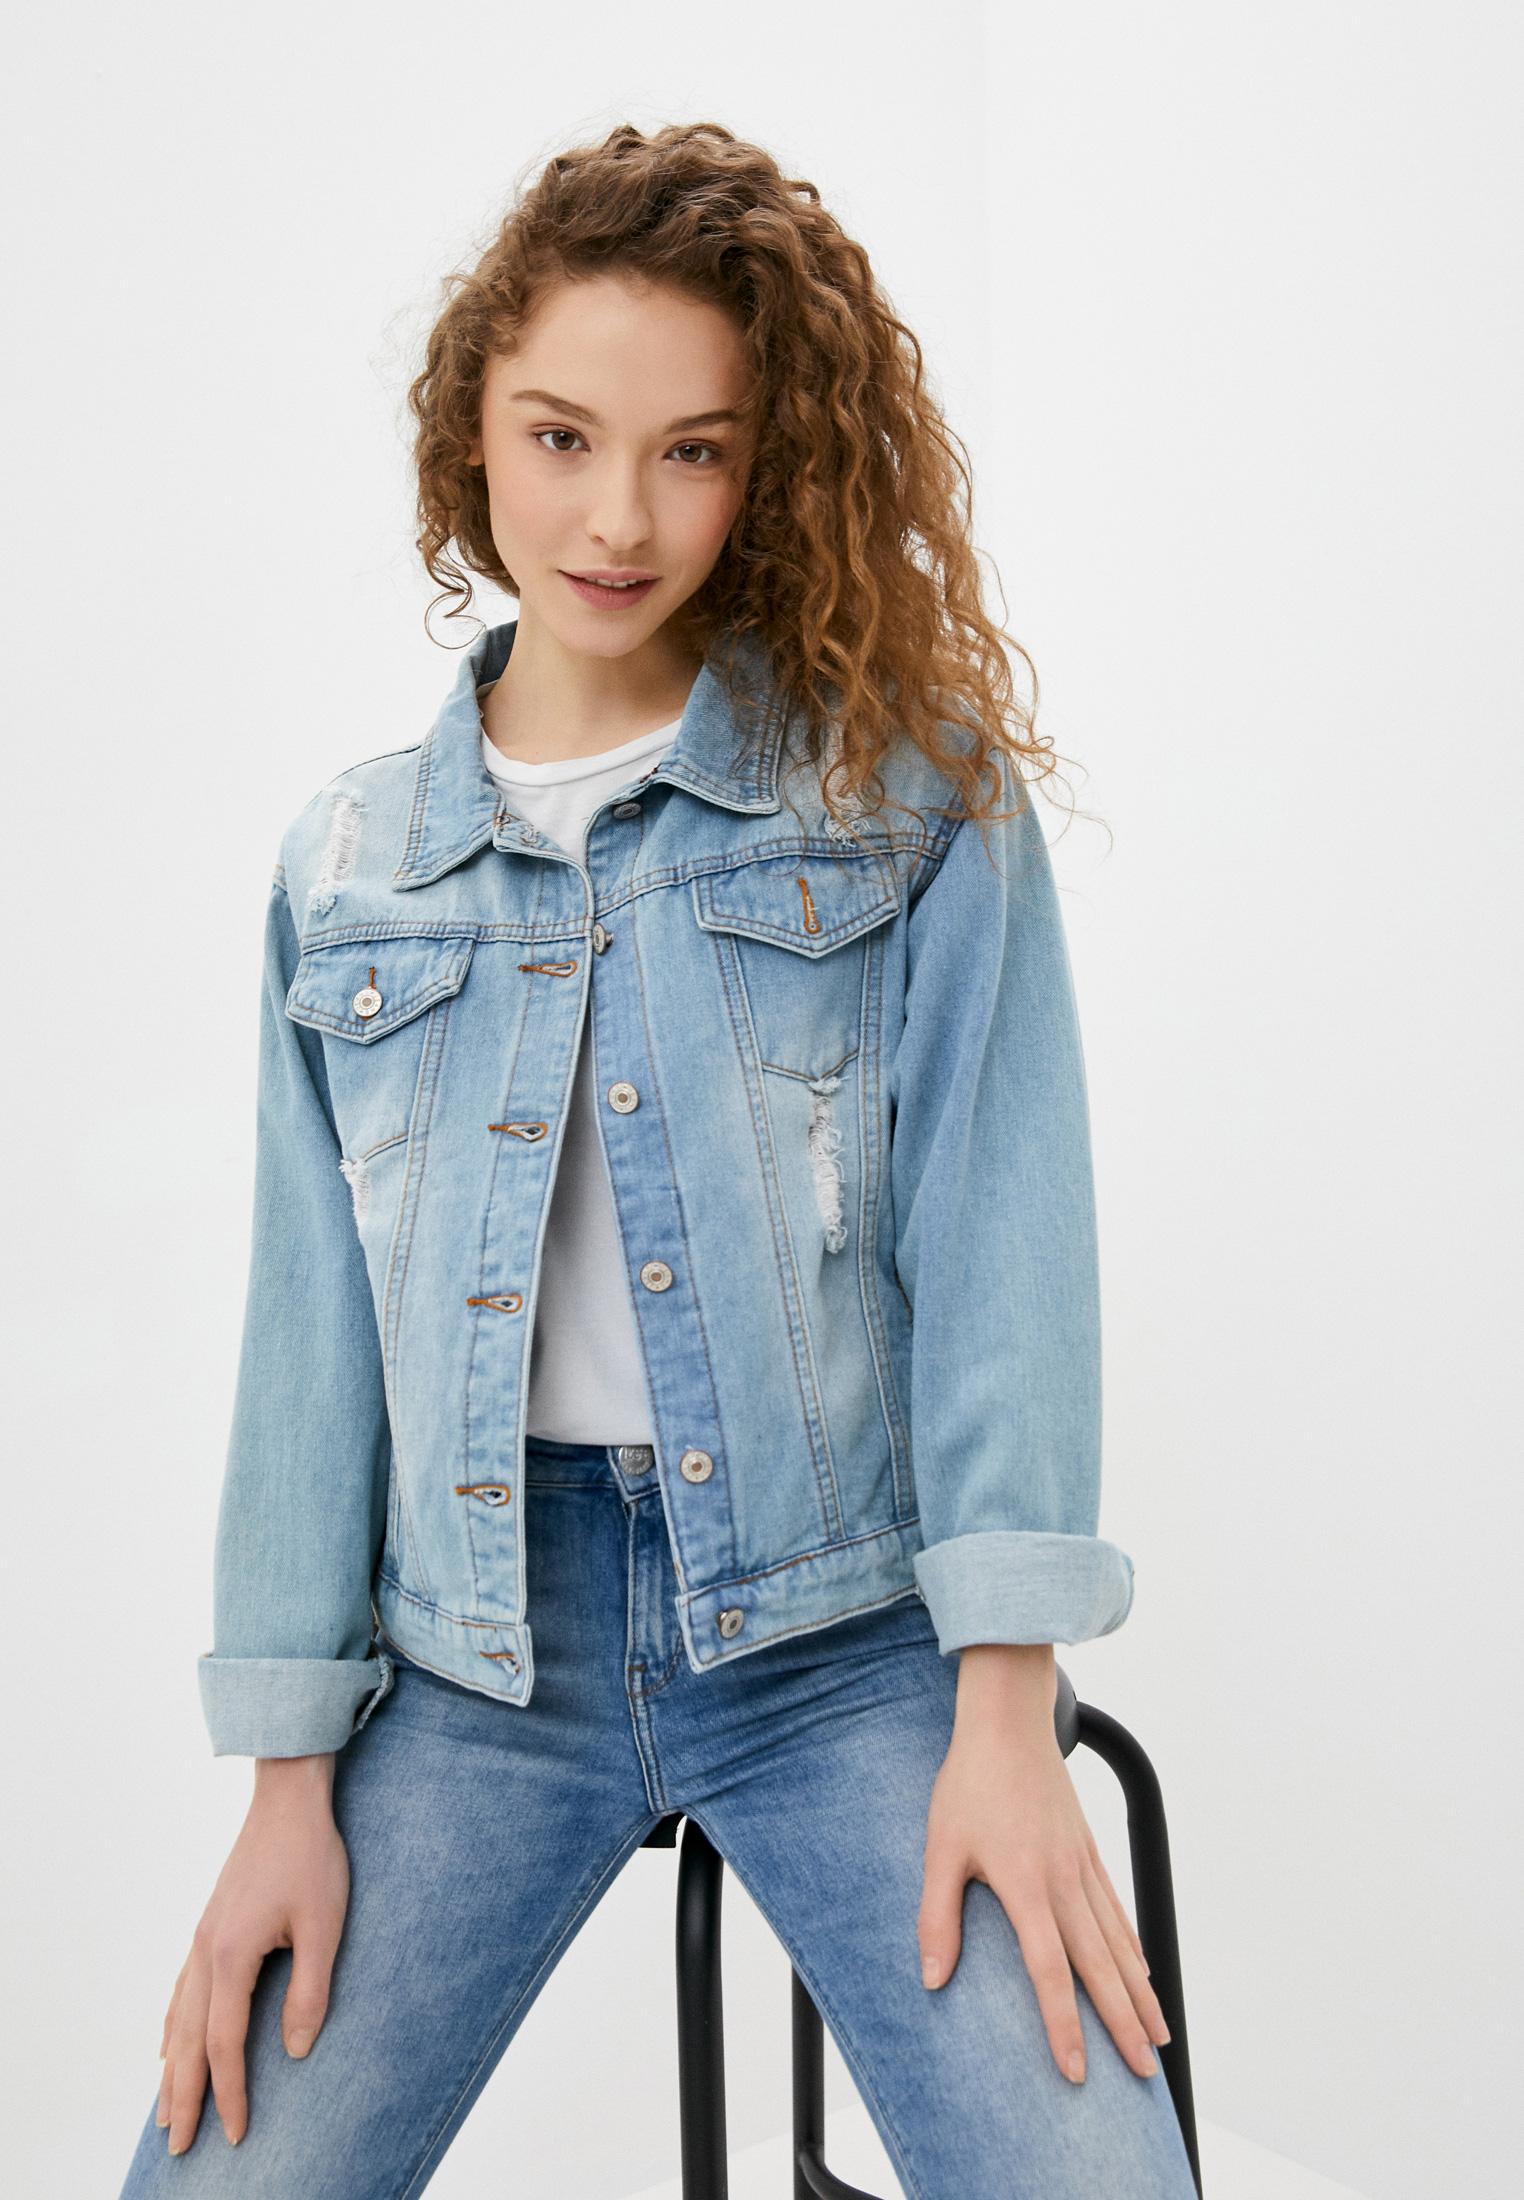 Джинсовая куртка Softy K9712